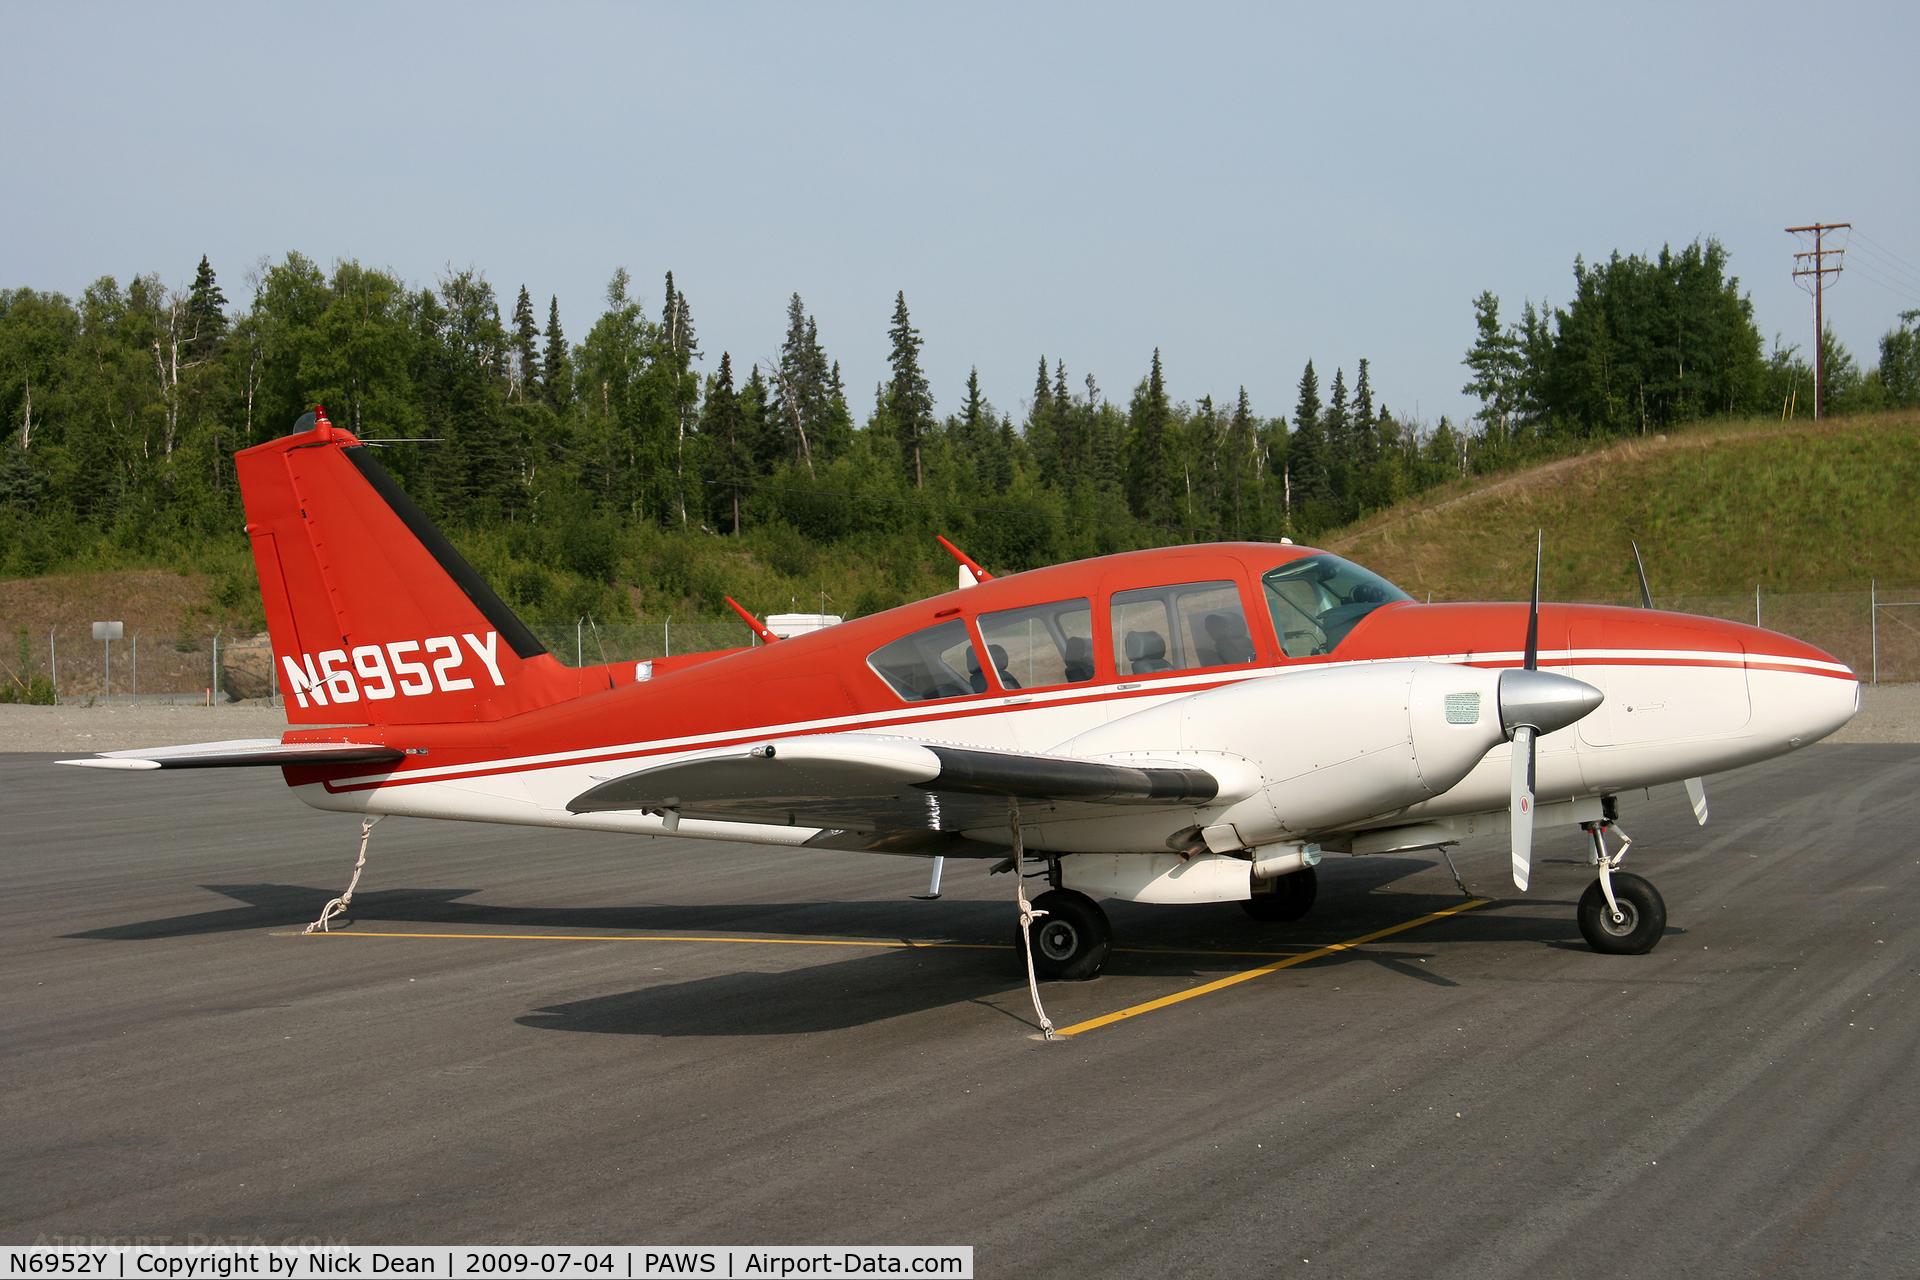 N6952Y, 1969 Piper PA-23-250 C/N 27-4316, PAWS